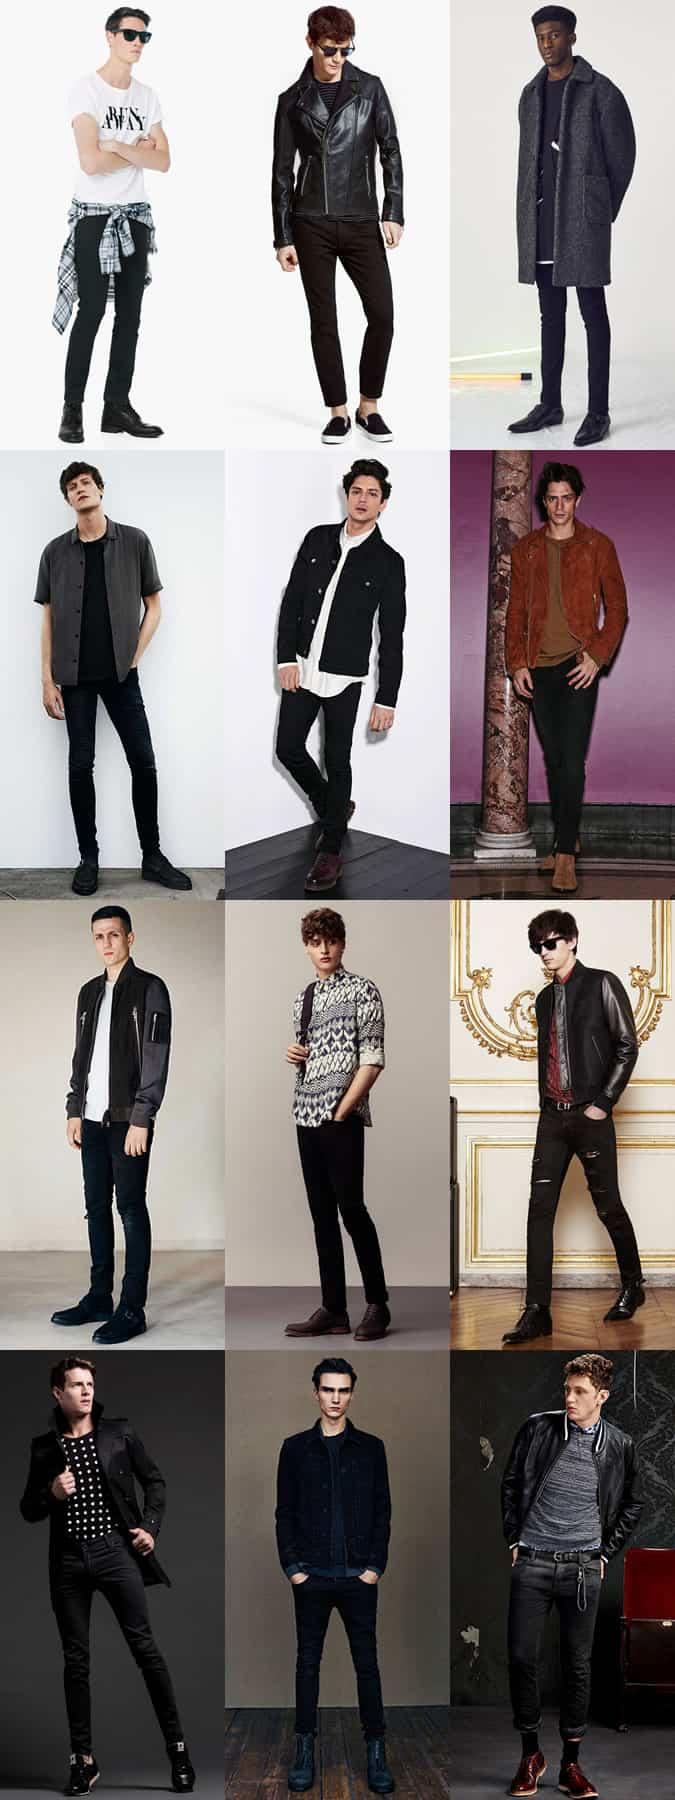 Lookbook Inspiration pour Black Jeans Outfit pour homme